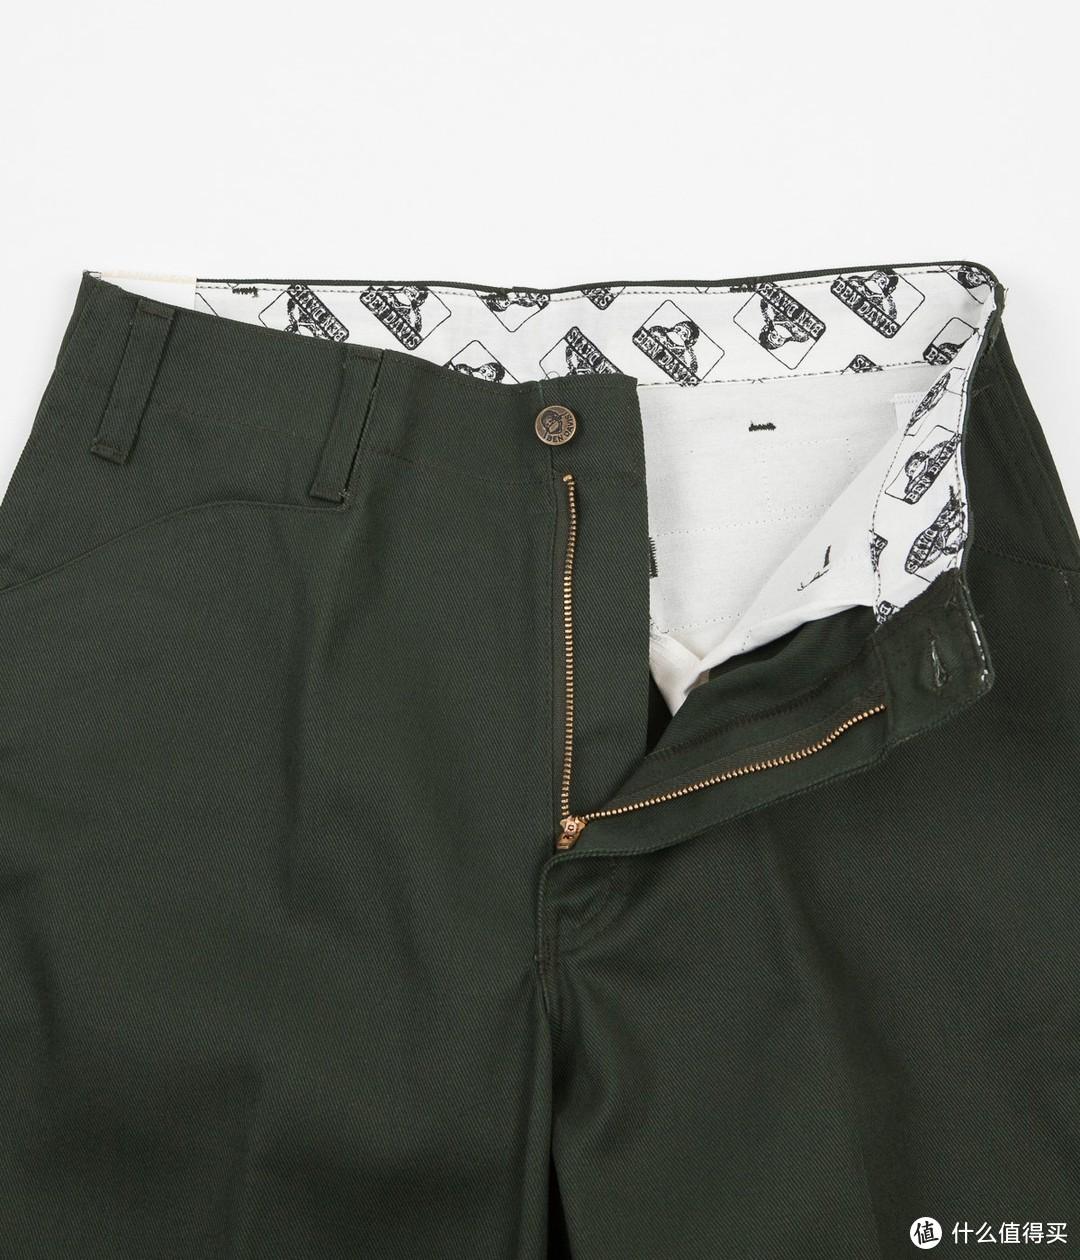 五袋裤(非常规口袋边缘),摘自Flatspot